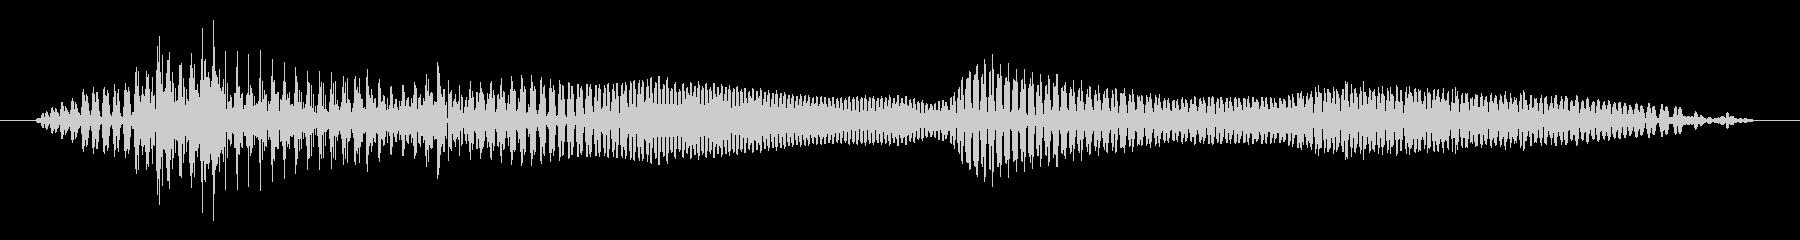 ラウンド1の未再生の波形